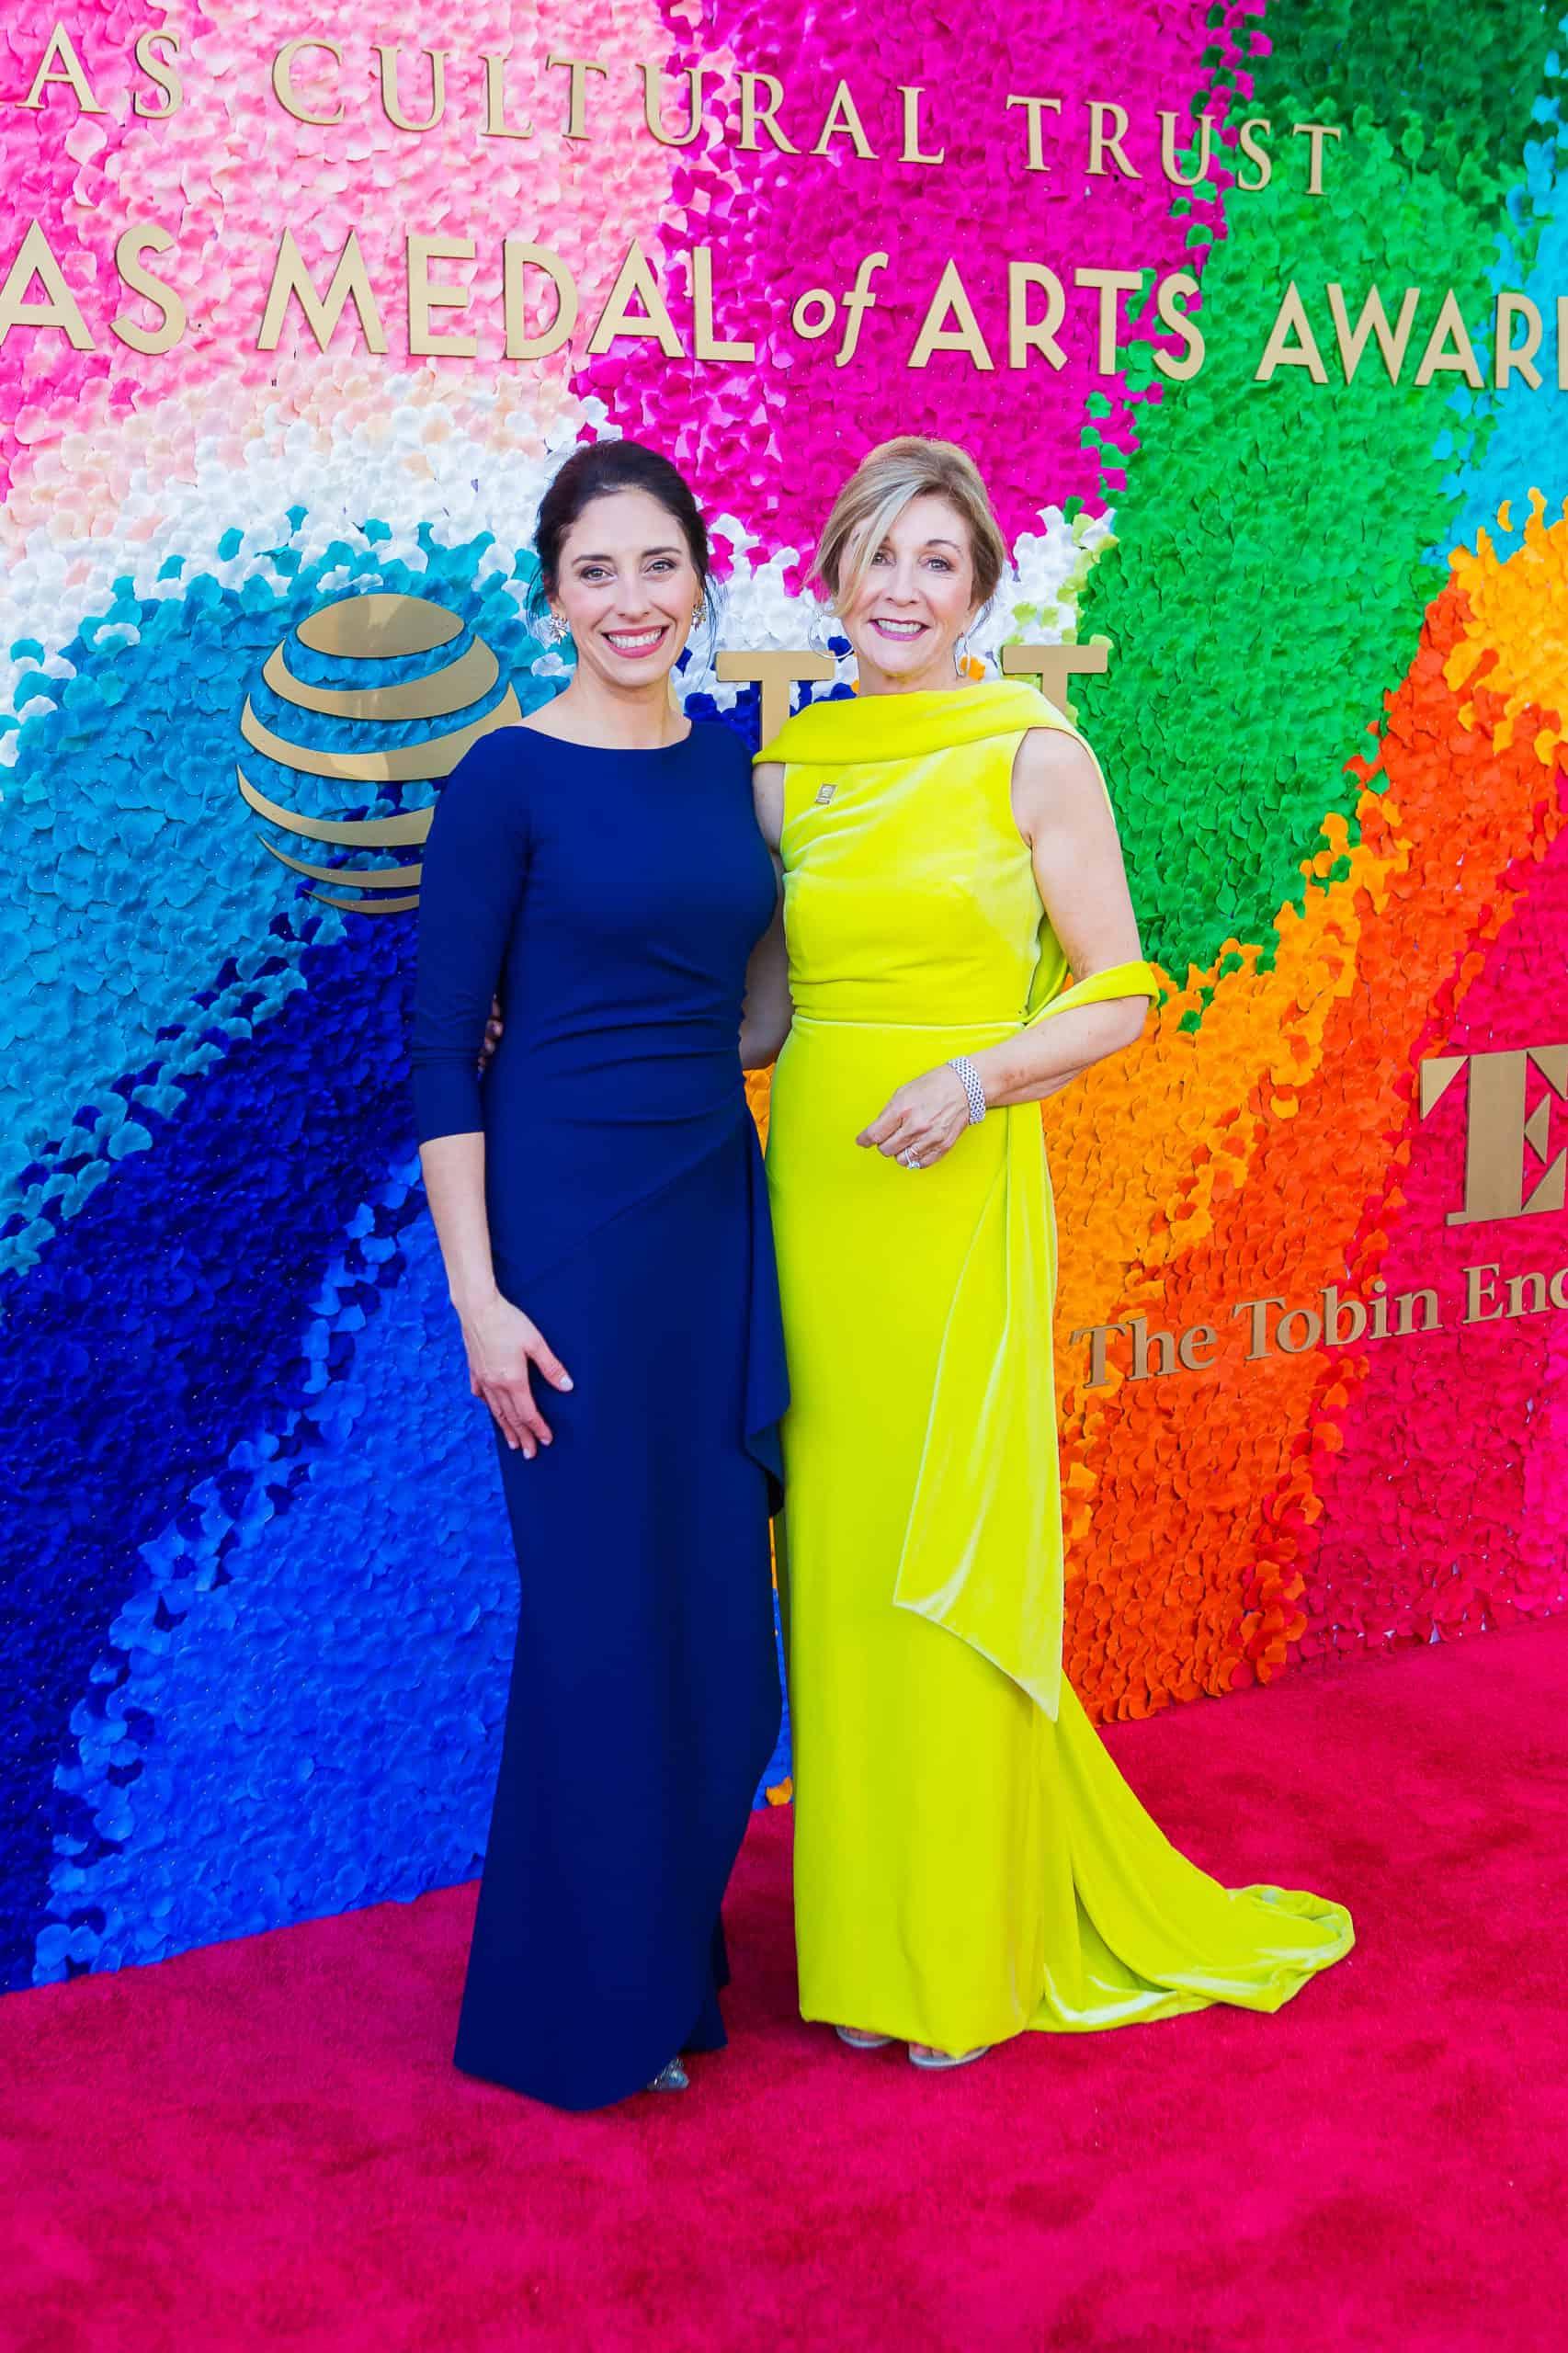 Heidi Marquez Smith and Linda Lamantia